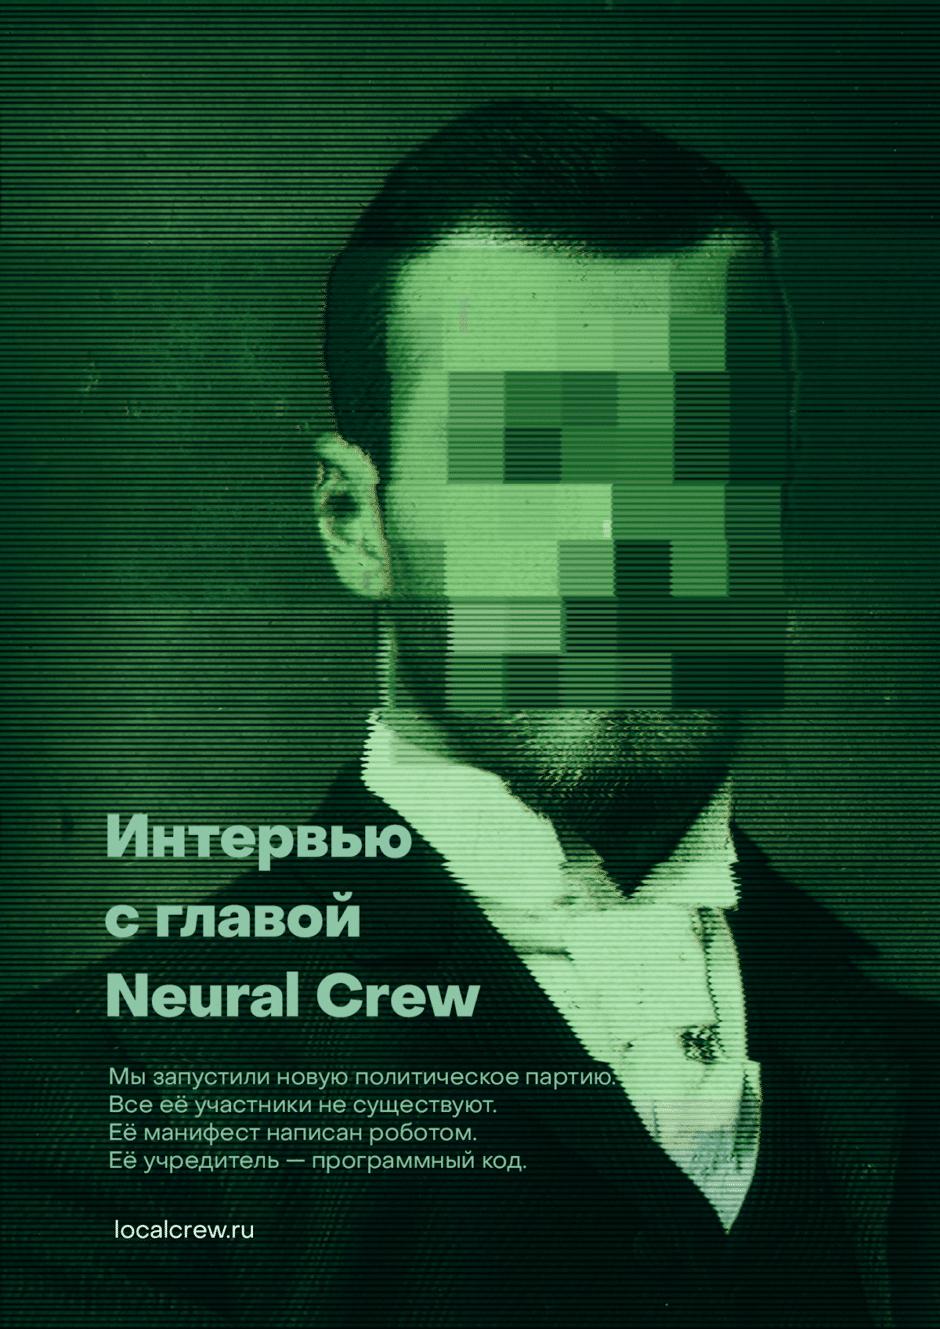 Интервью с главой Neural Crew